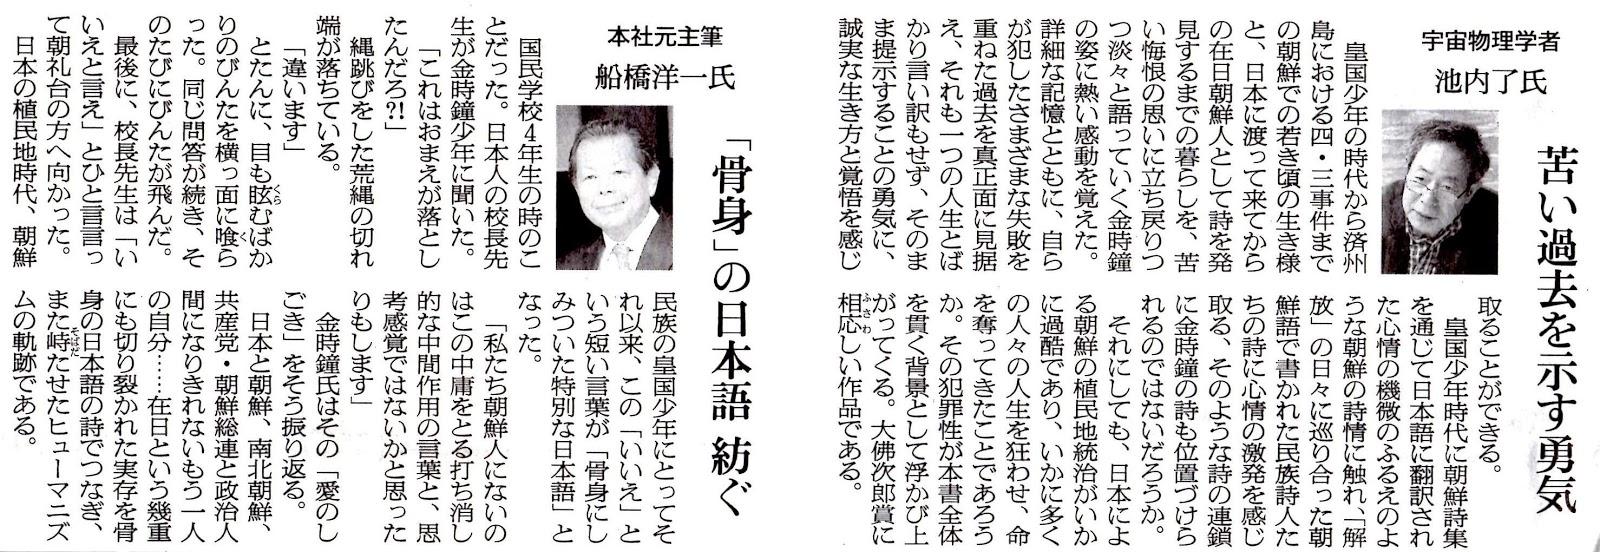 黙翁日録: 第42回 大佛次郎賞 回...